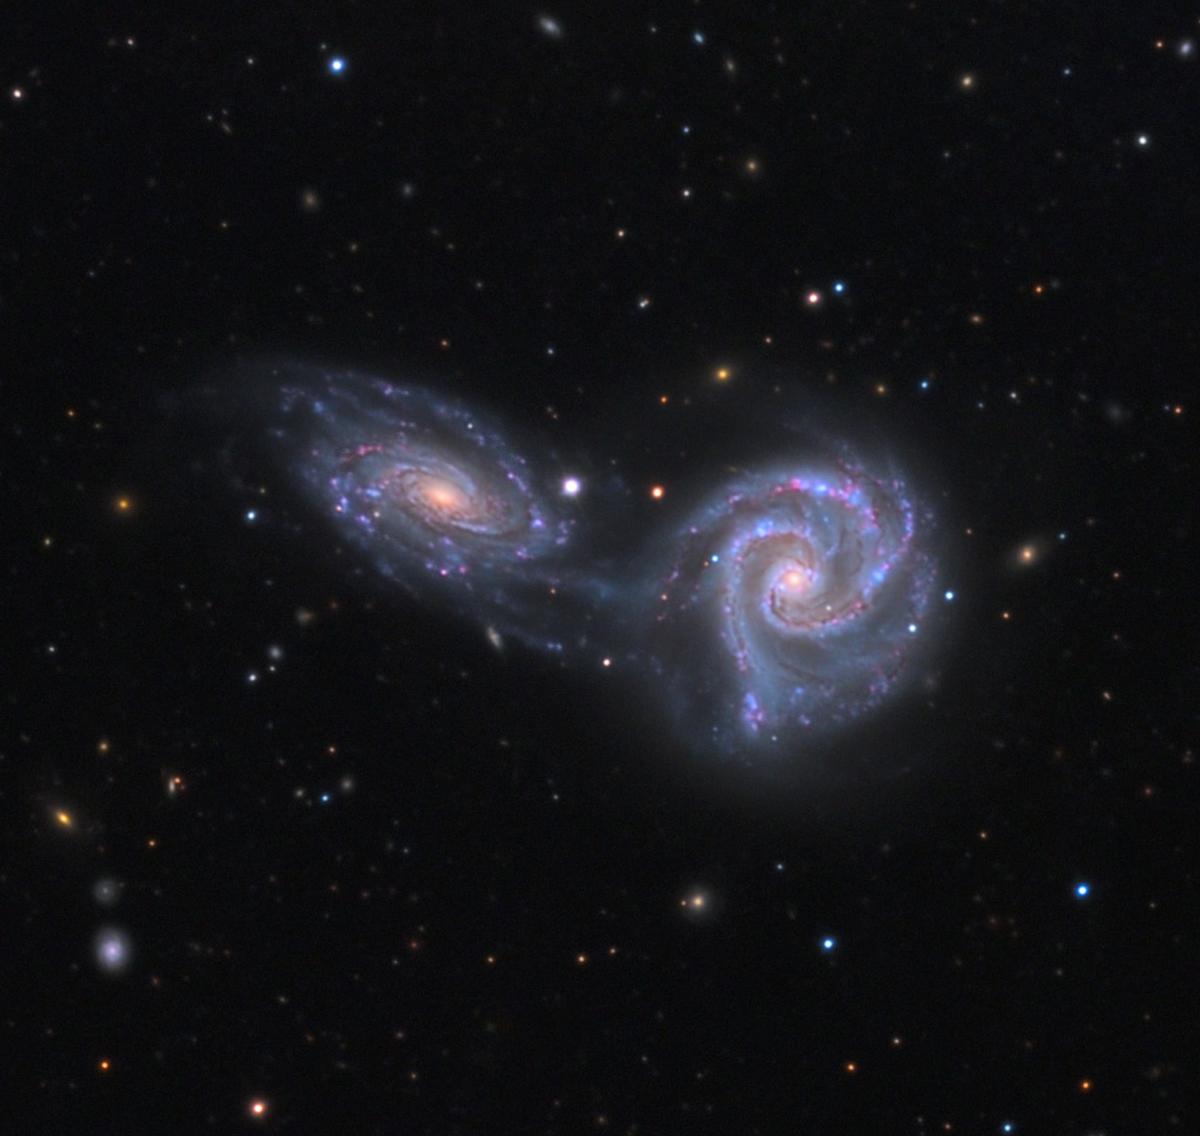 NGC 5426